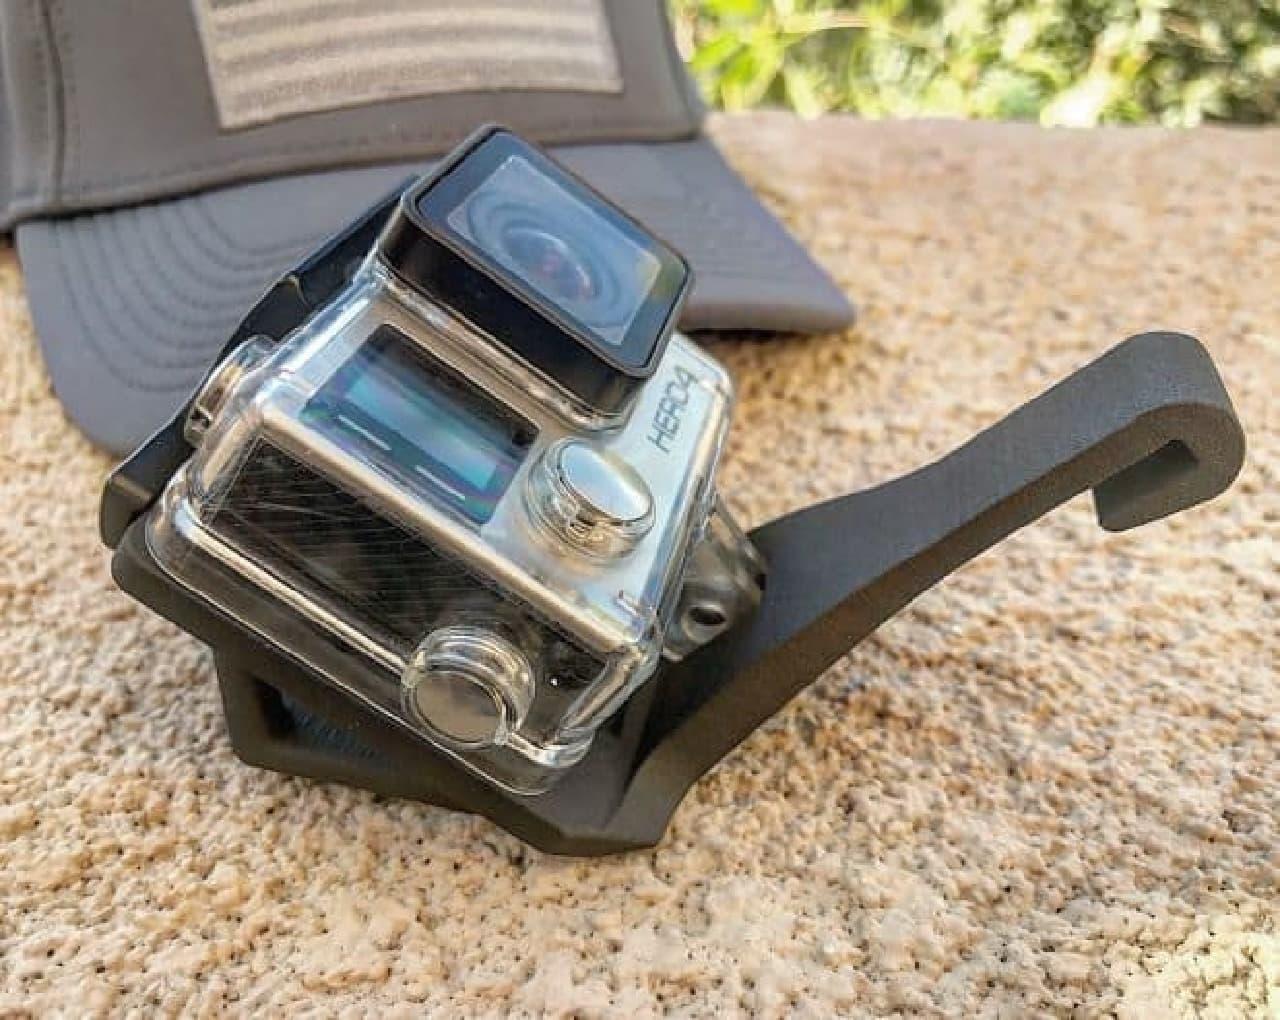 クリップとマジックテープでGoPro用を取り付ける「SIDEKICK Mounts」